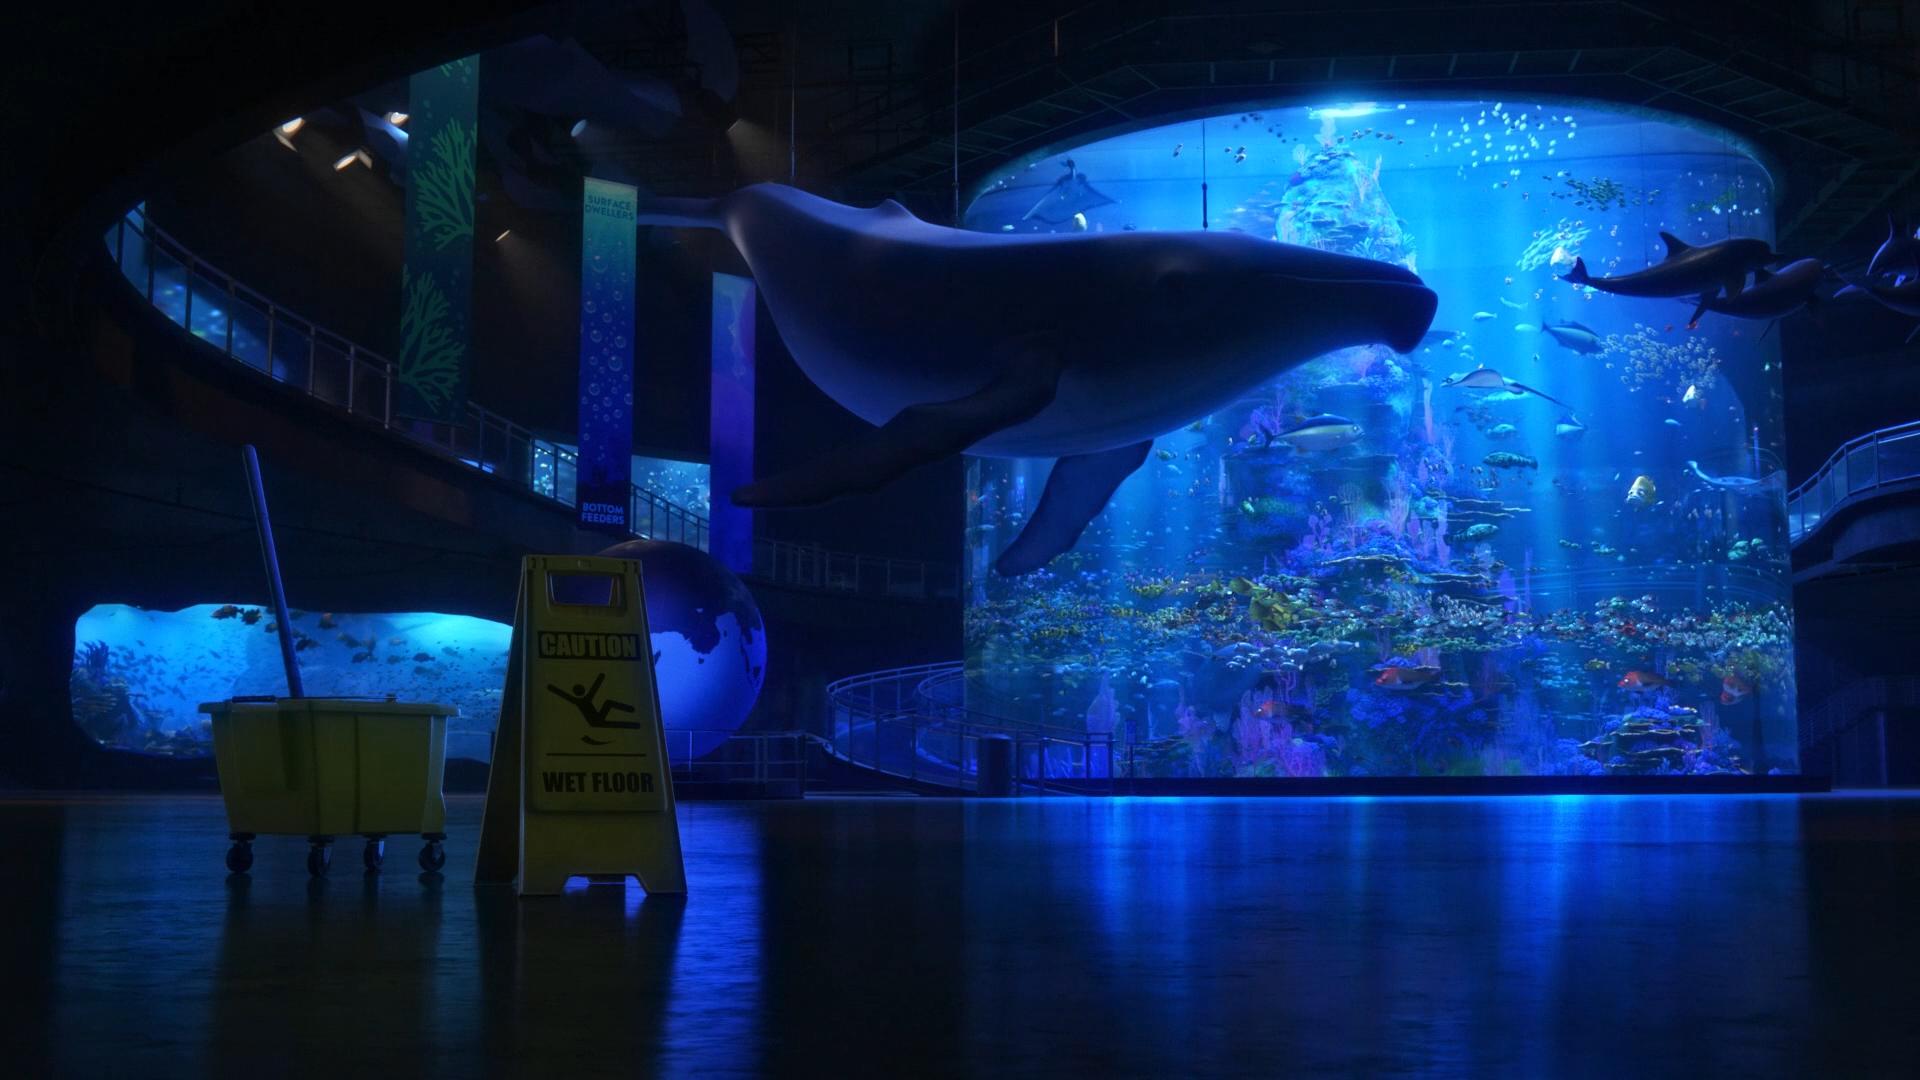 обои ночь размышления кино синий подводный